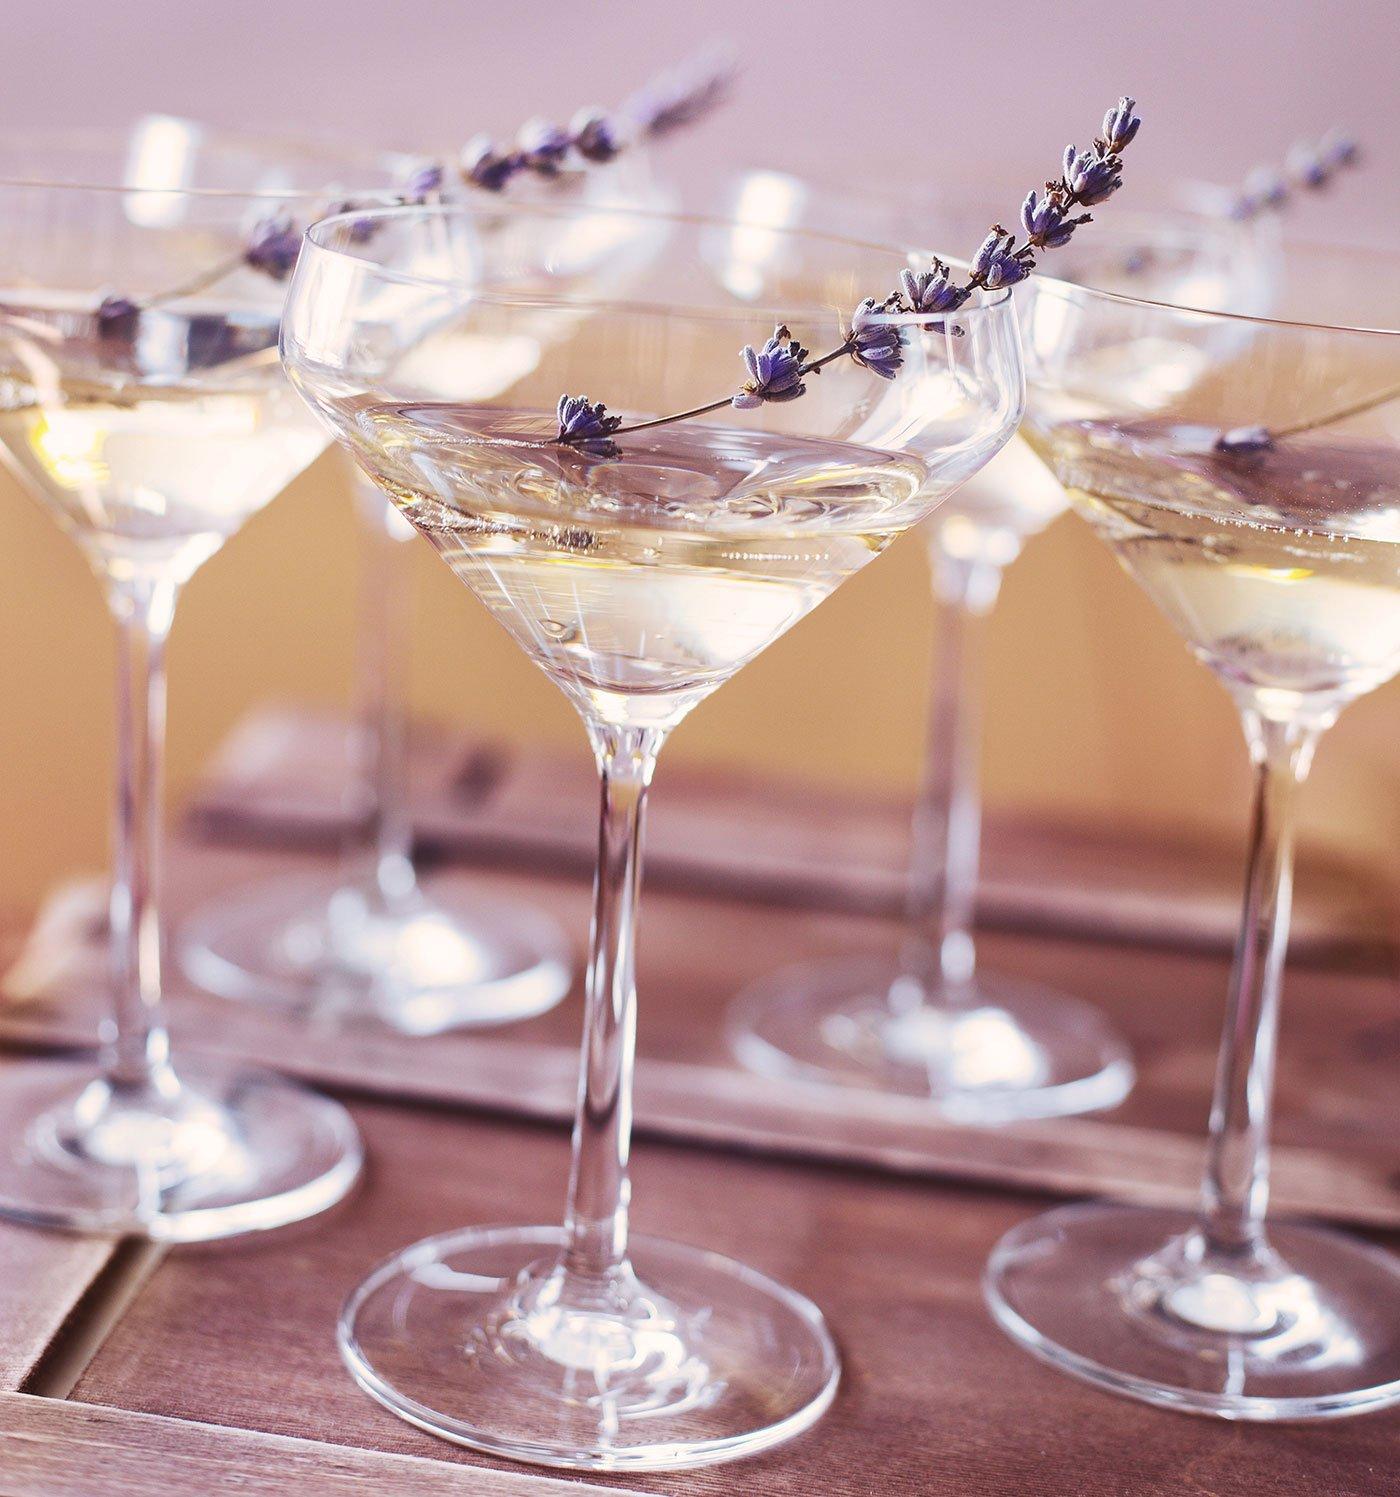 Dei bicchieri con un cocktail bianco